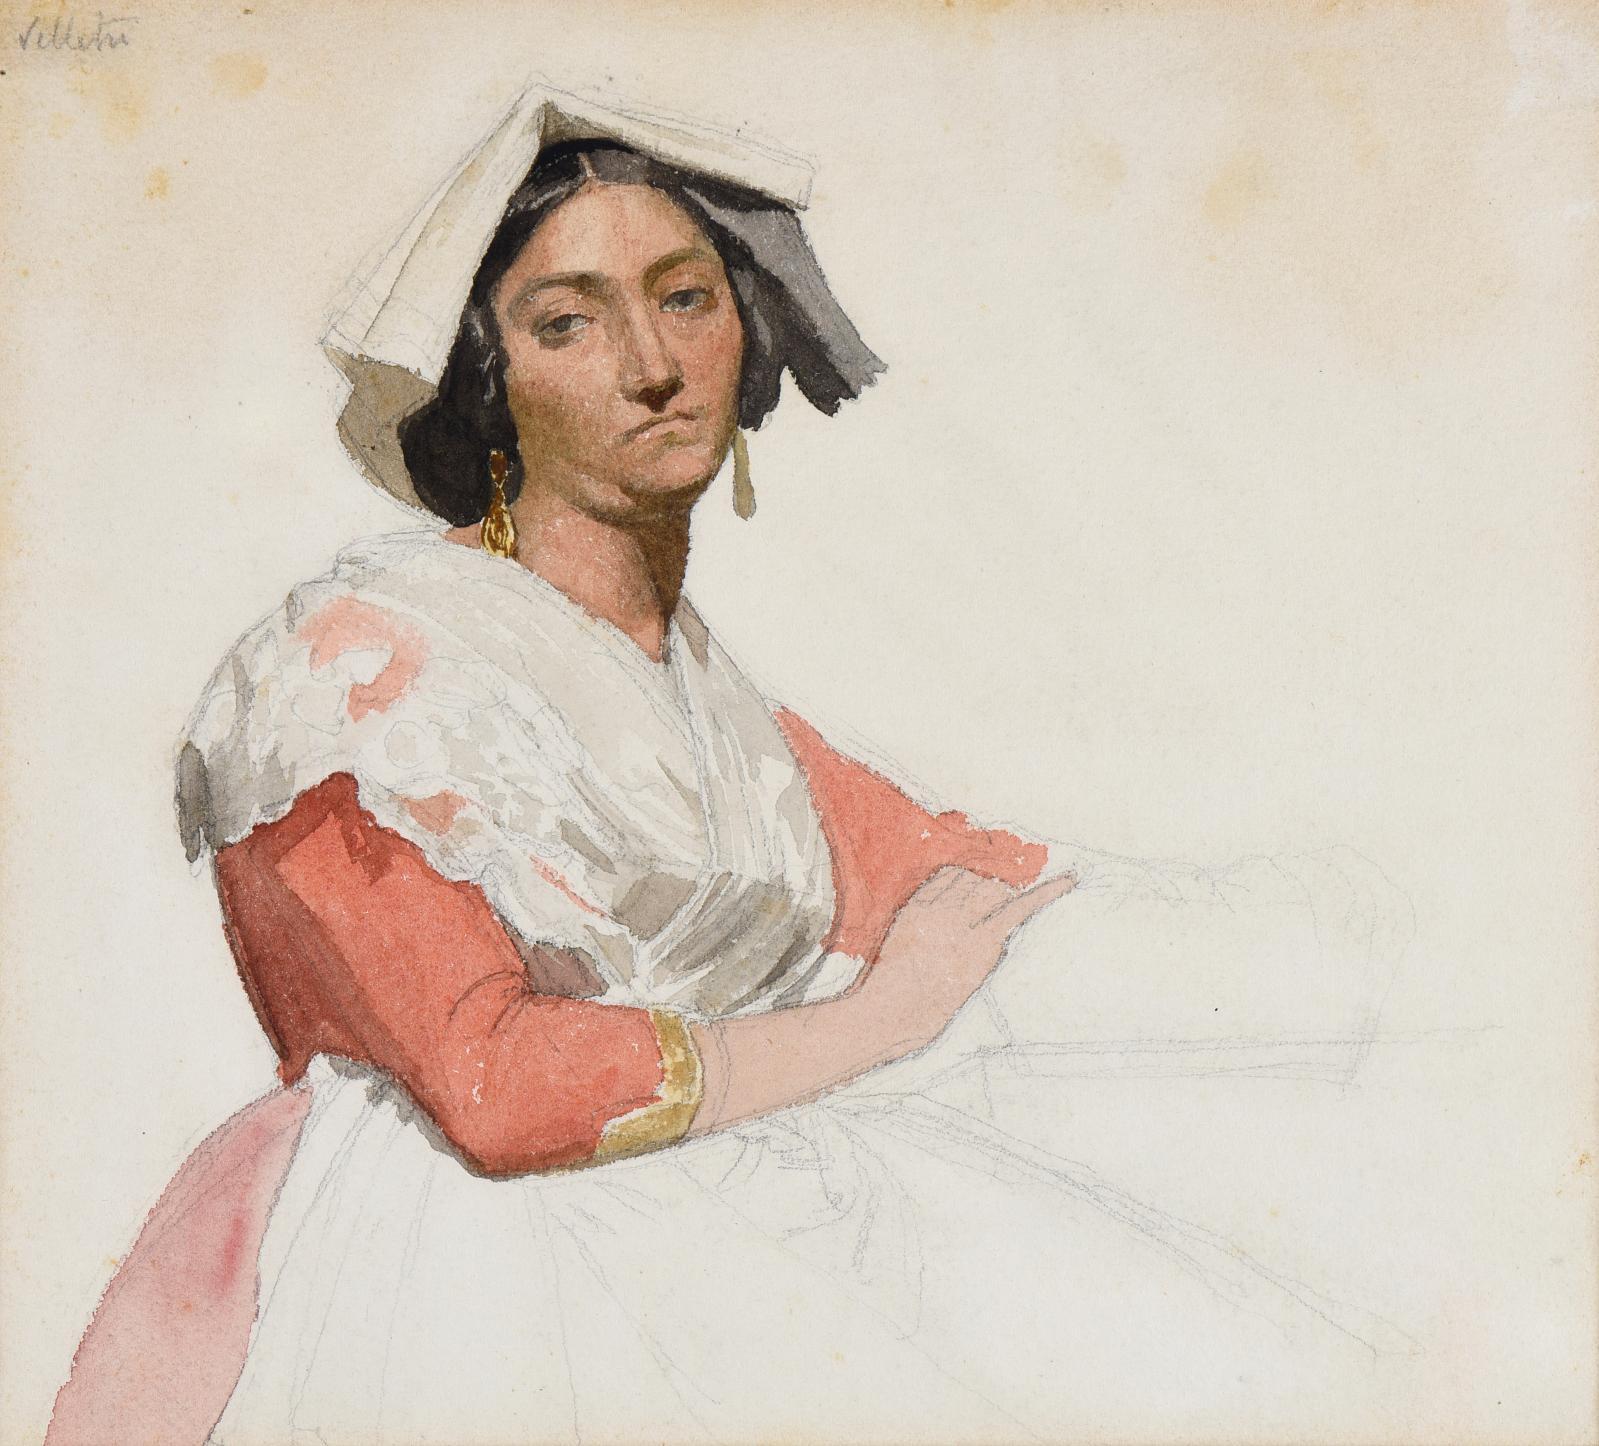 Portait d'une Italienne en costume régional, 1857, aquarelle et graphite sur papier, 20,7 x 23 cm. Estimation: 6000/8000€